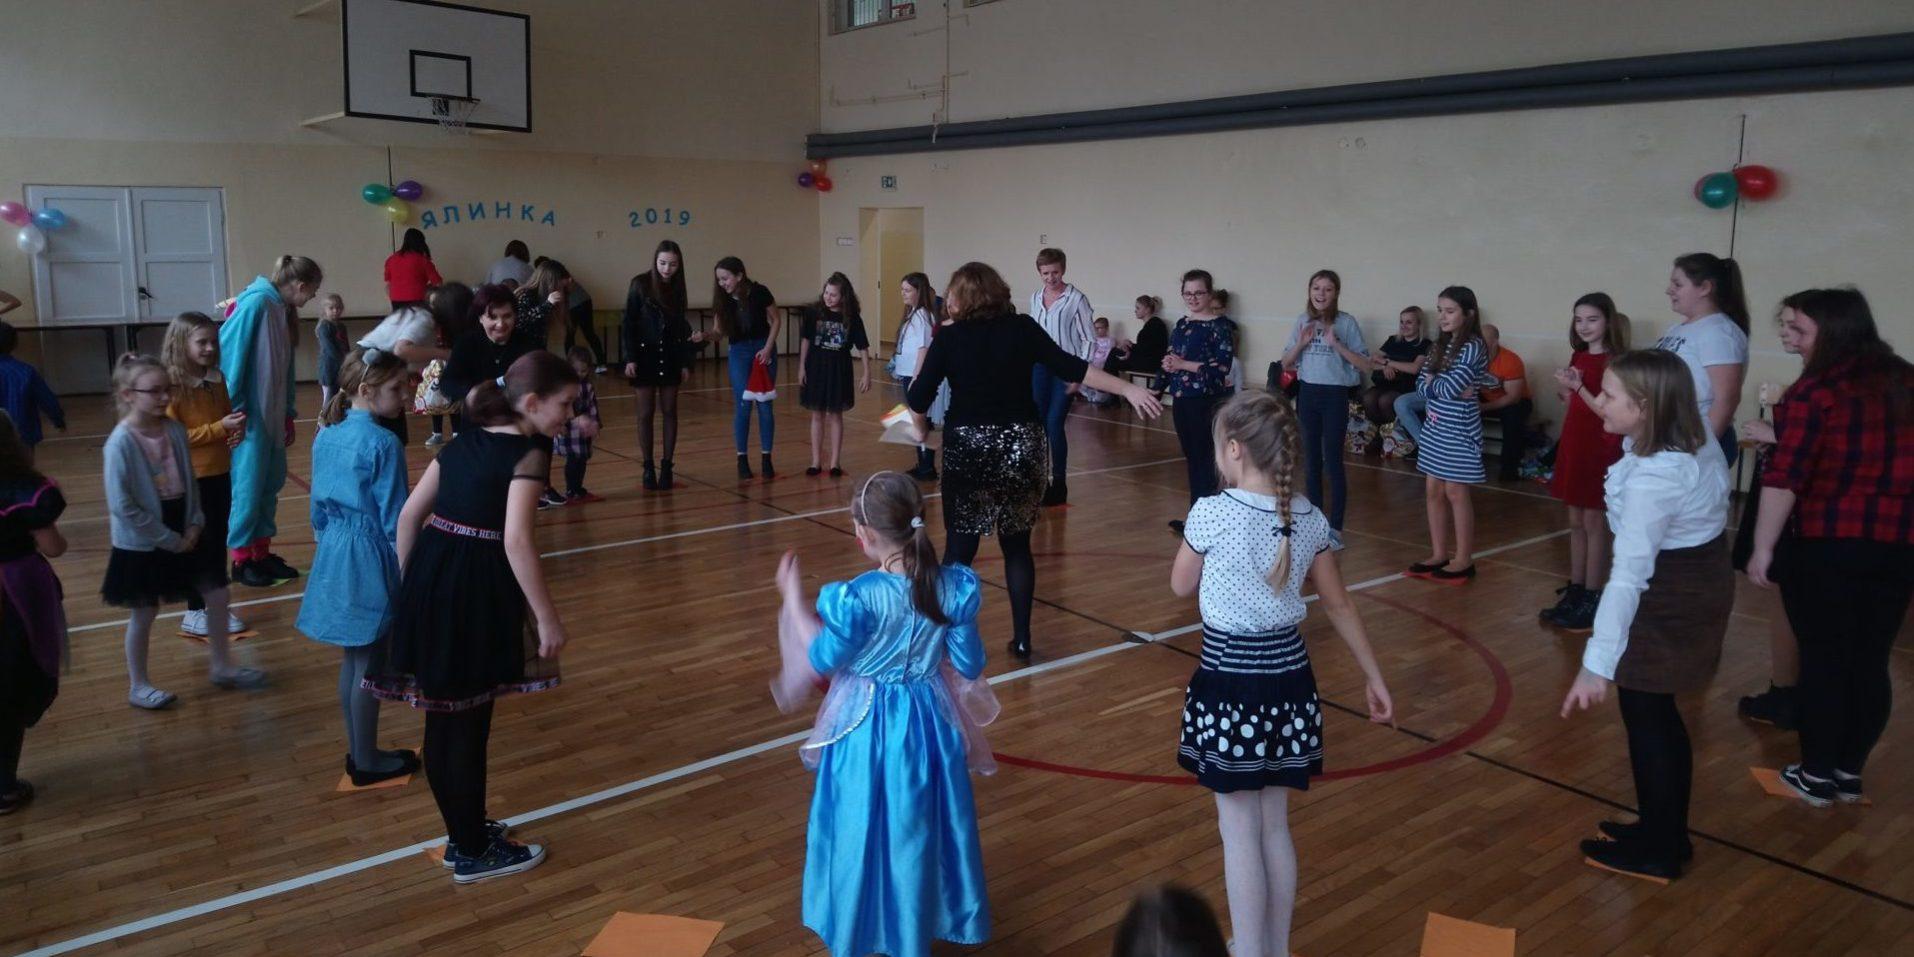 fefab636e5 Adama Mickiewicza w Bielsku Podlaskim odbyła się Choinka ukraińska –  noworoczna zabawa dla dzieci i młodzieży